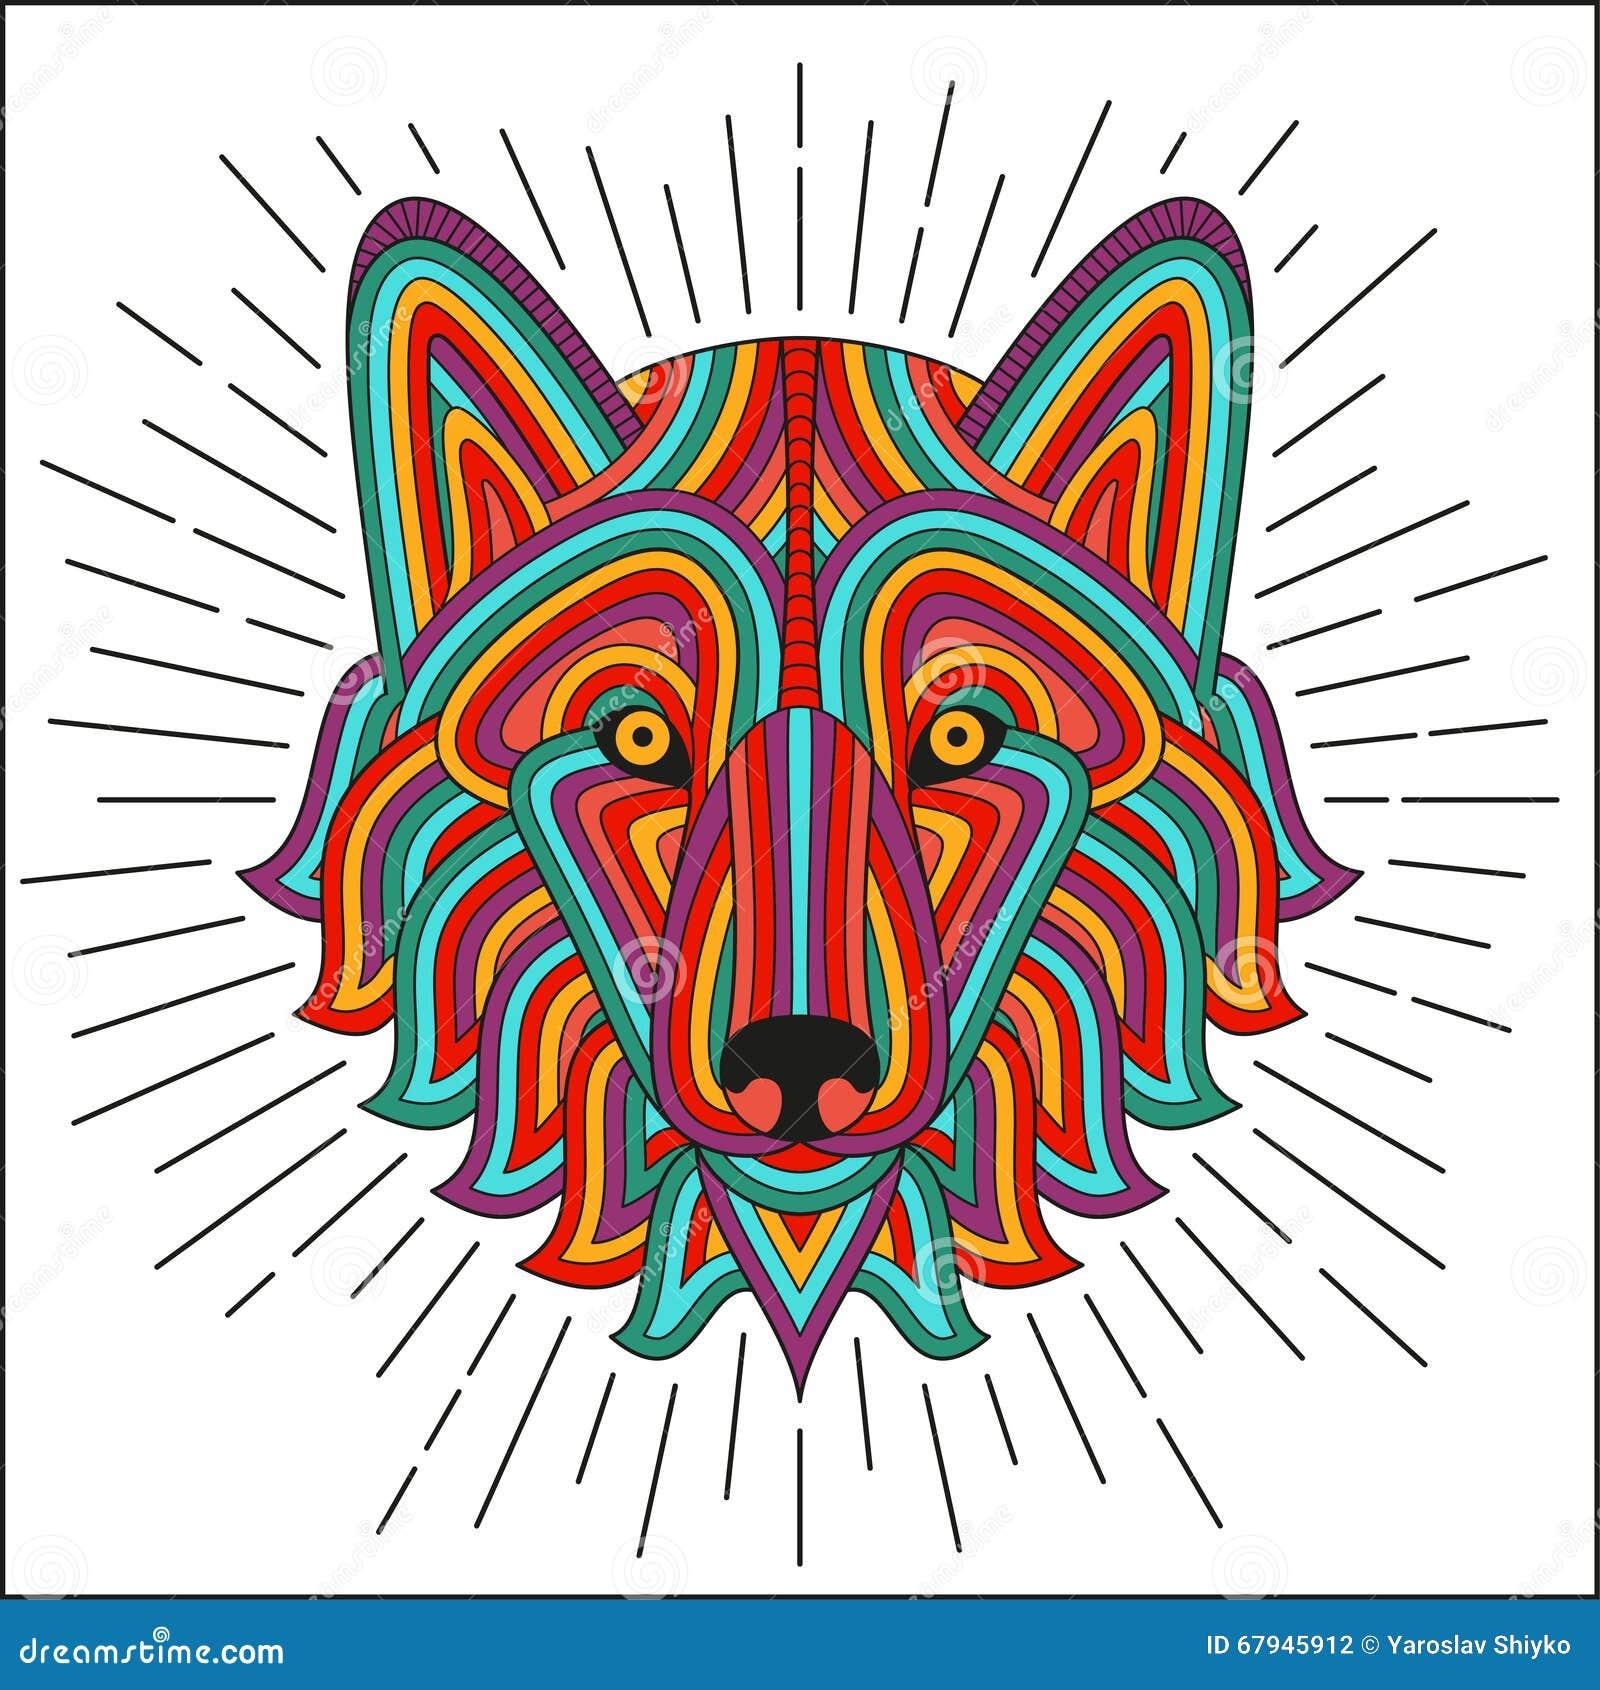 Cabeza Estilizada Creativa Del Lobo En Estilo Linear étnico Bueno